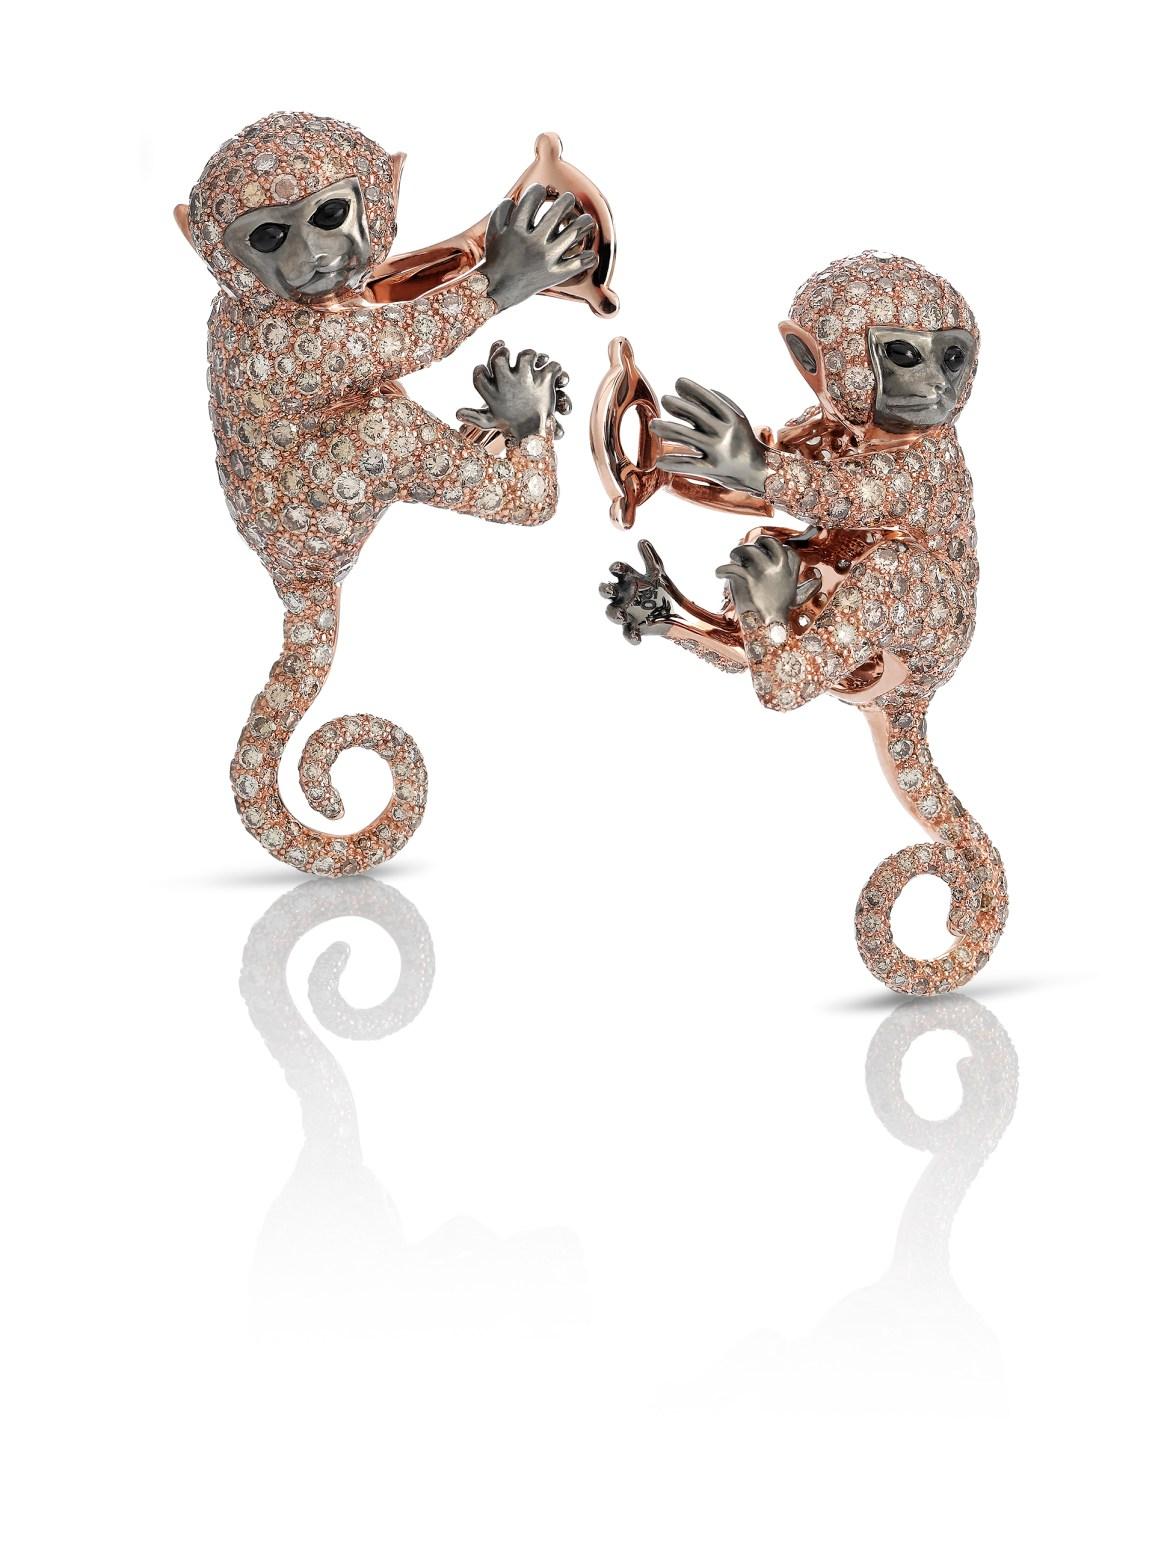 Cheeky Monkey_02